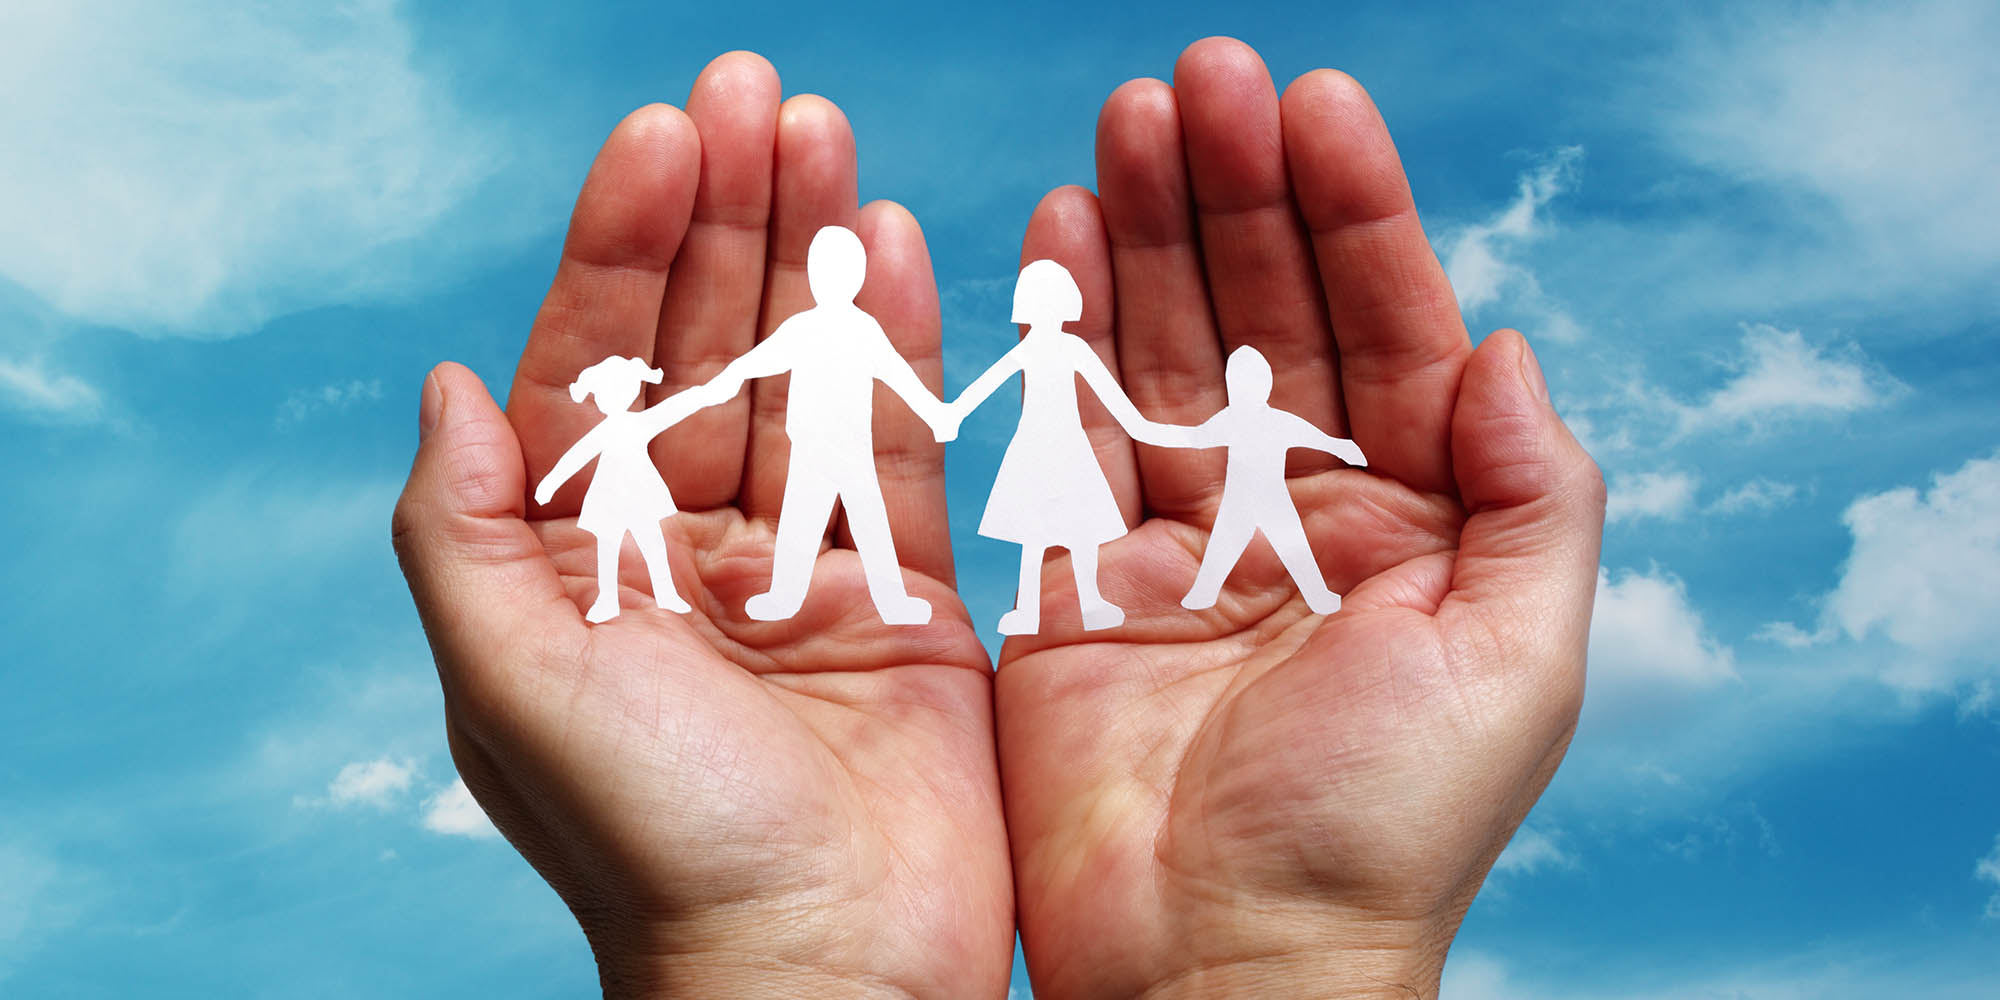 澳洲社工(Social Work)申请、排名、移民及就业信息2021